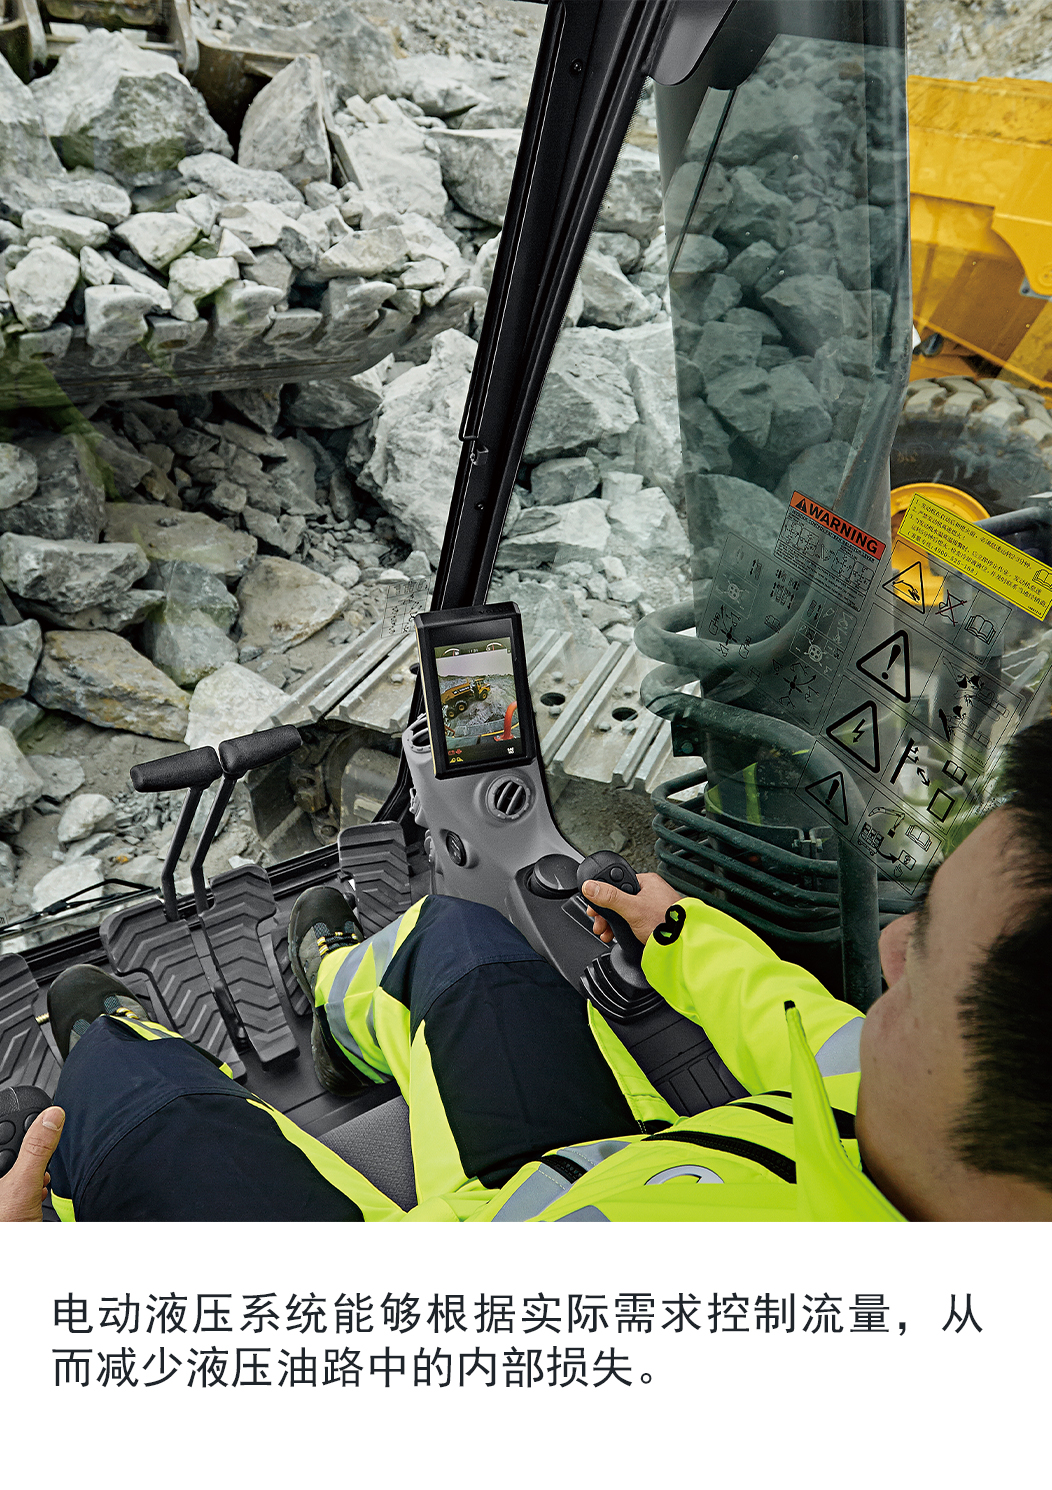 【多圖】沃爾沃EC950EL挖掘機完全控制細節圖_高清圖